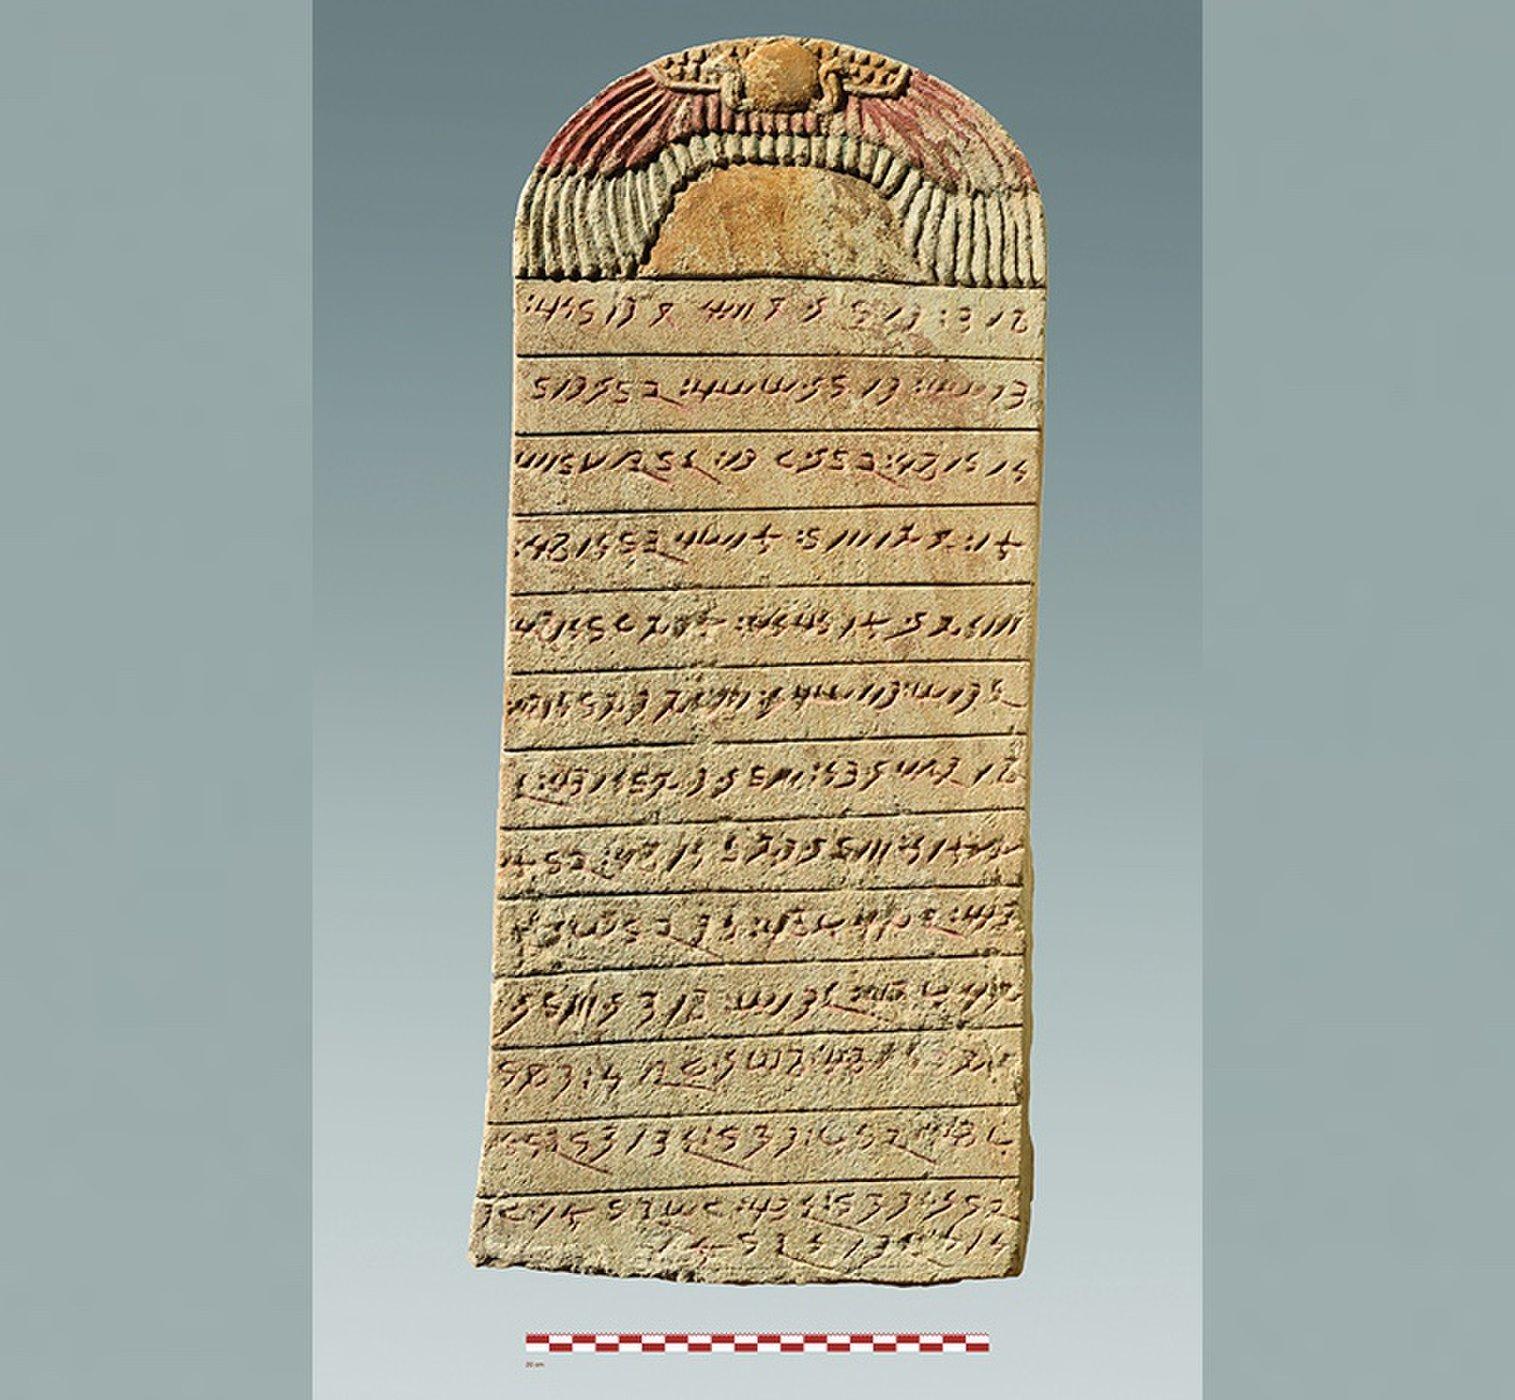 В Судане нашли таблички с письменами загадочного царства Куш В Судане нашли таблички с письменами загадочного царства Куш aHR0cDovL3d3dy5saXZlc2NpZW5jZS5jb20vaW1hZ2VzL2kvMDAwLzA5OS8zMTAvb3JpZ2luYWwvbWVyb2l0aWMtaW5zY3JpcHRpb24tYXRhcWVsb3VsYS1zdGVsZS5qcGc